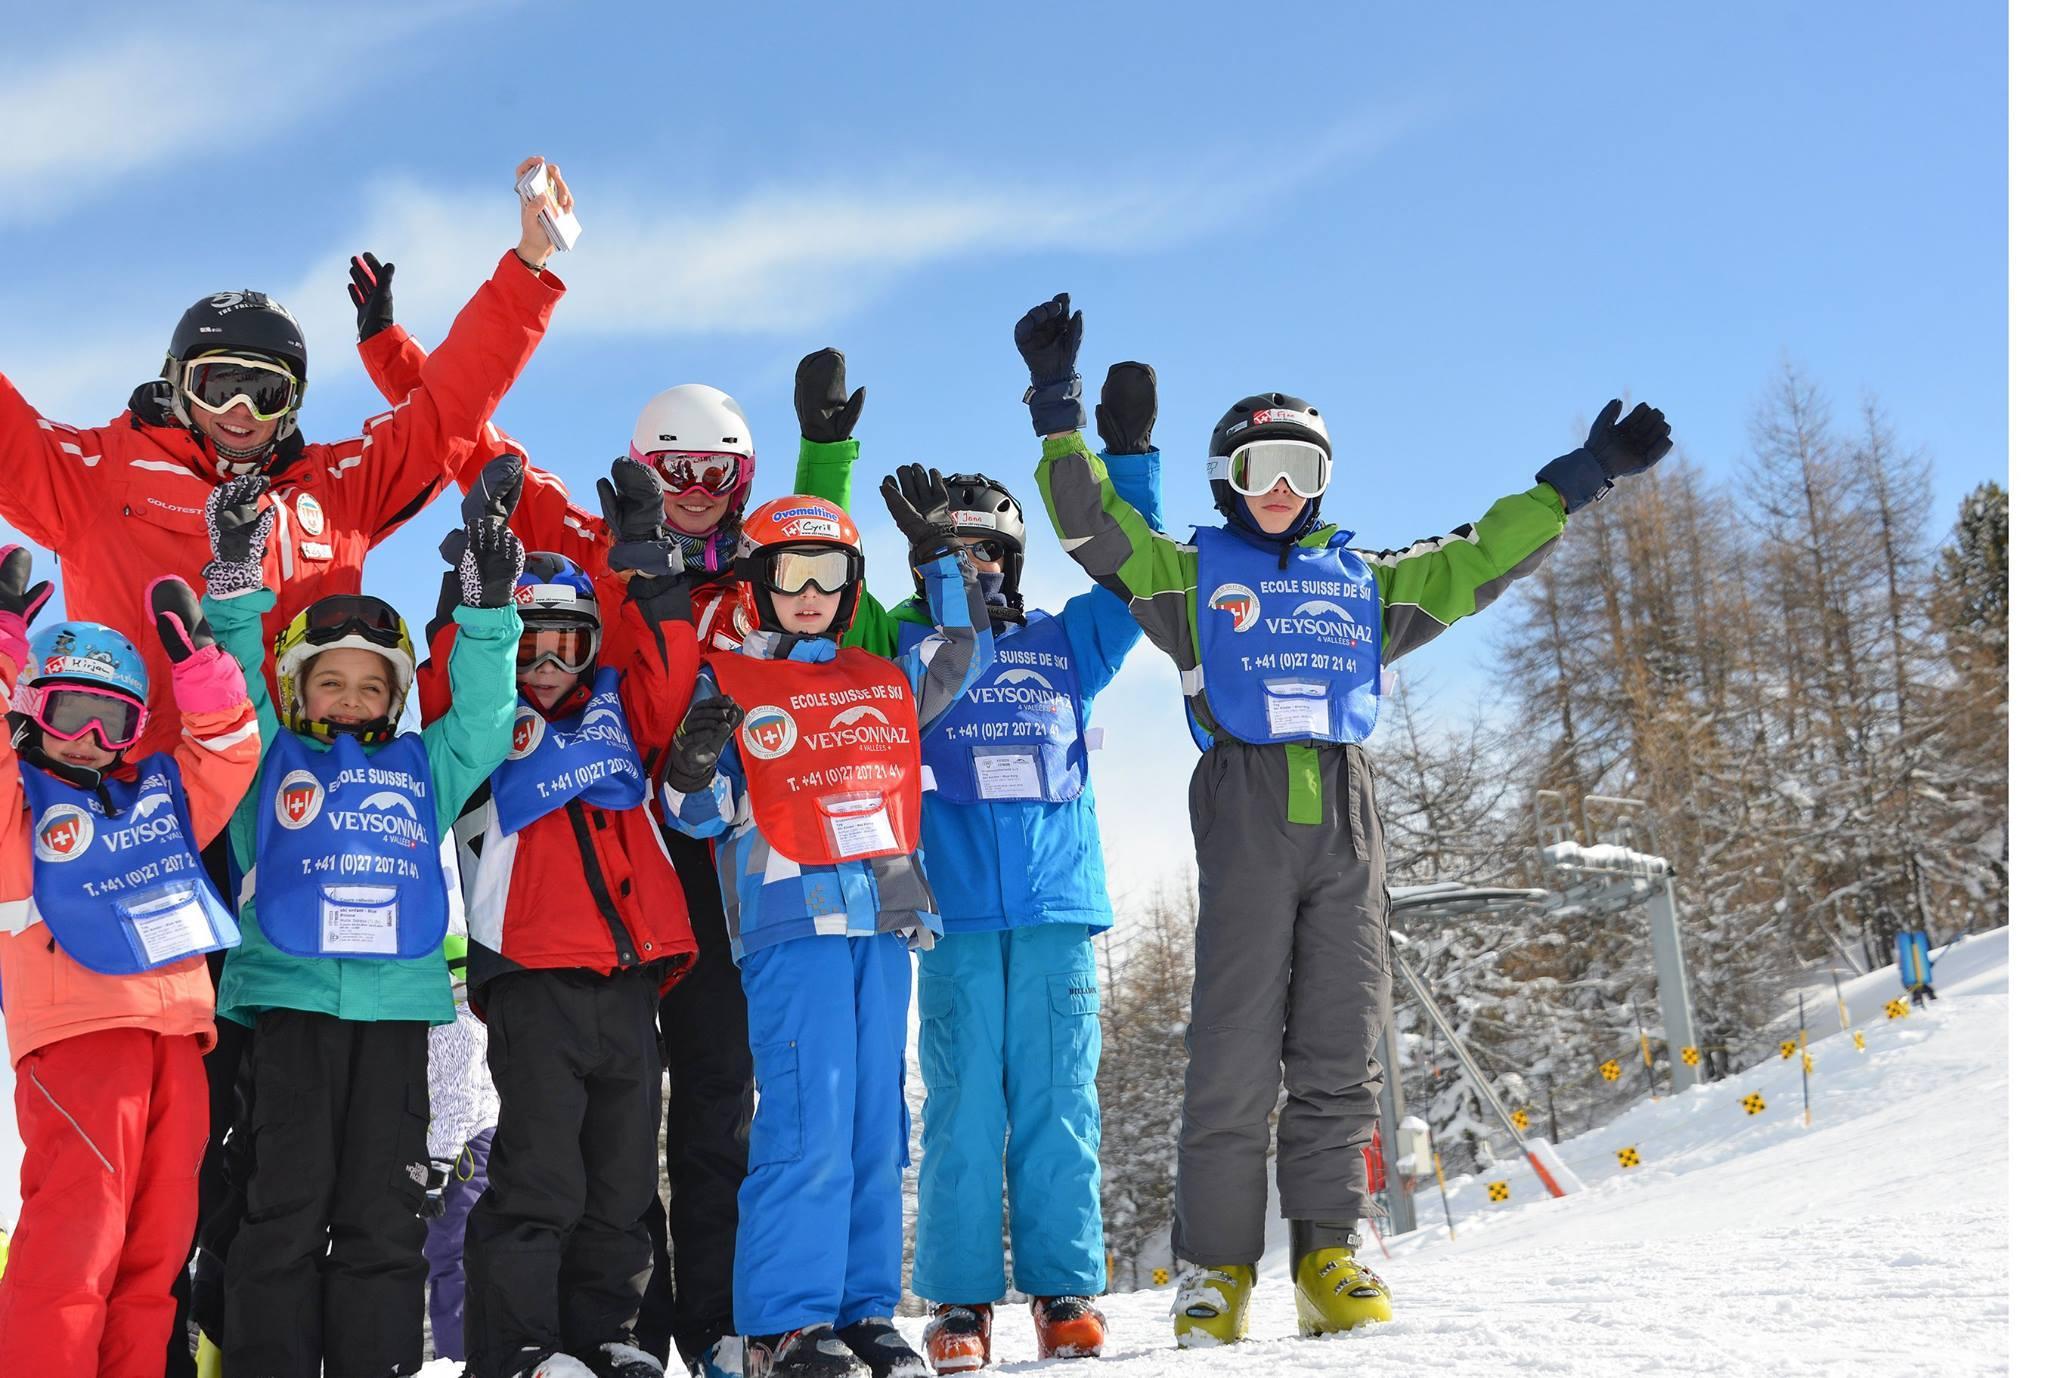 Cours de ski Enfants (6-12 ans) - Expérimentés - Après-midi